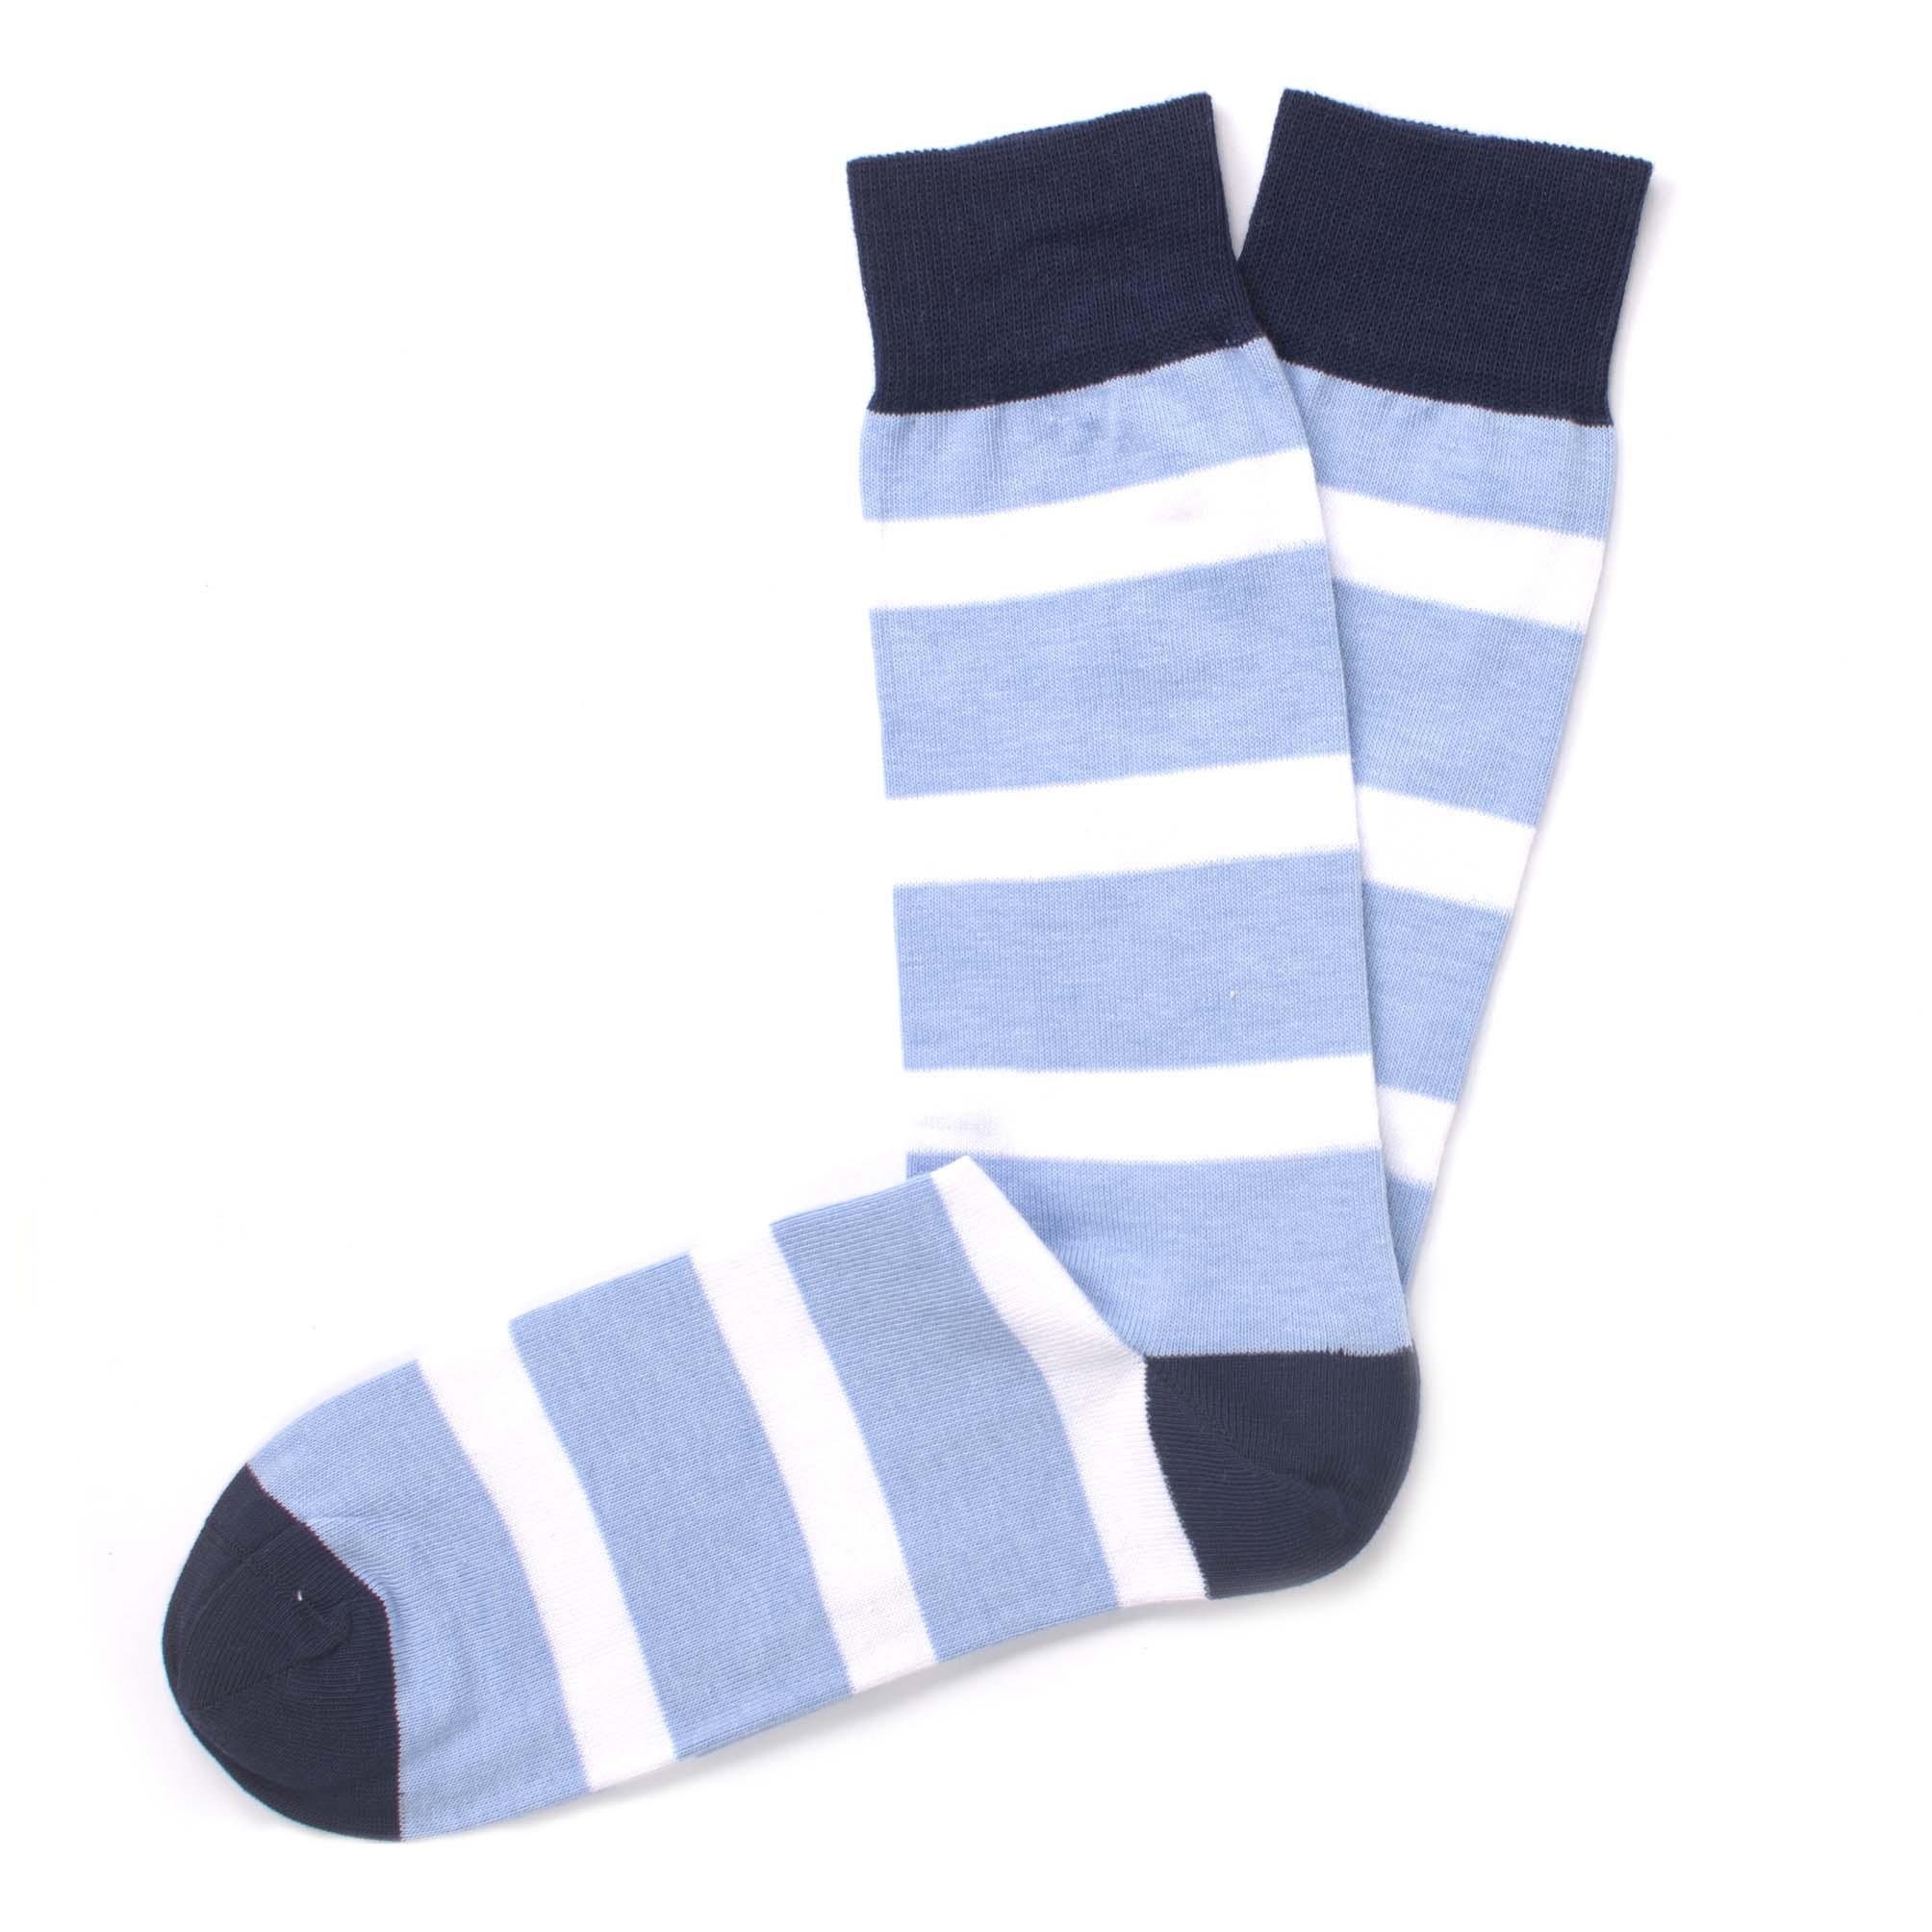 Socks striped skyblue/white